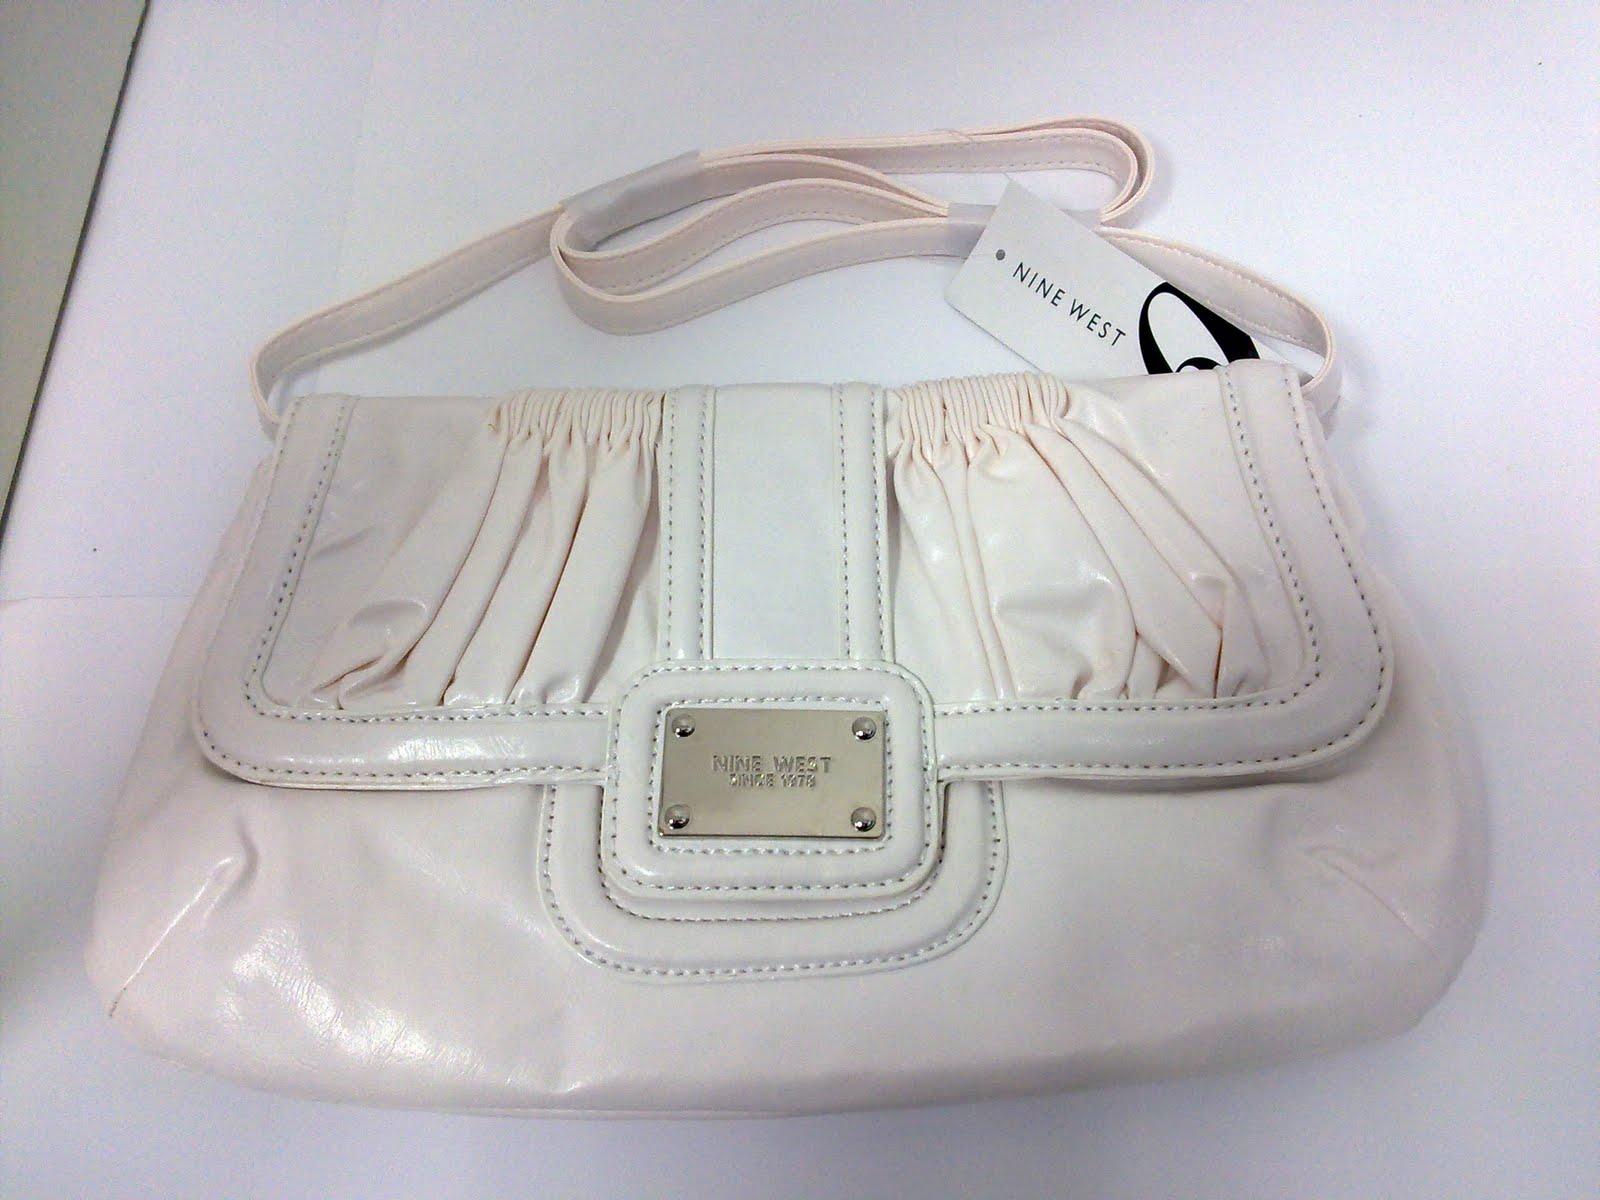 Sling bag nine west - Sold Out Nine West Shane Sling Bag